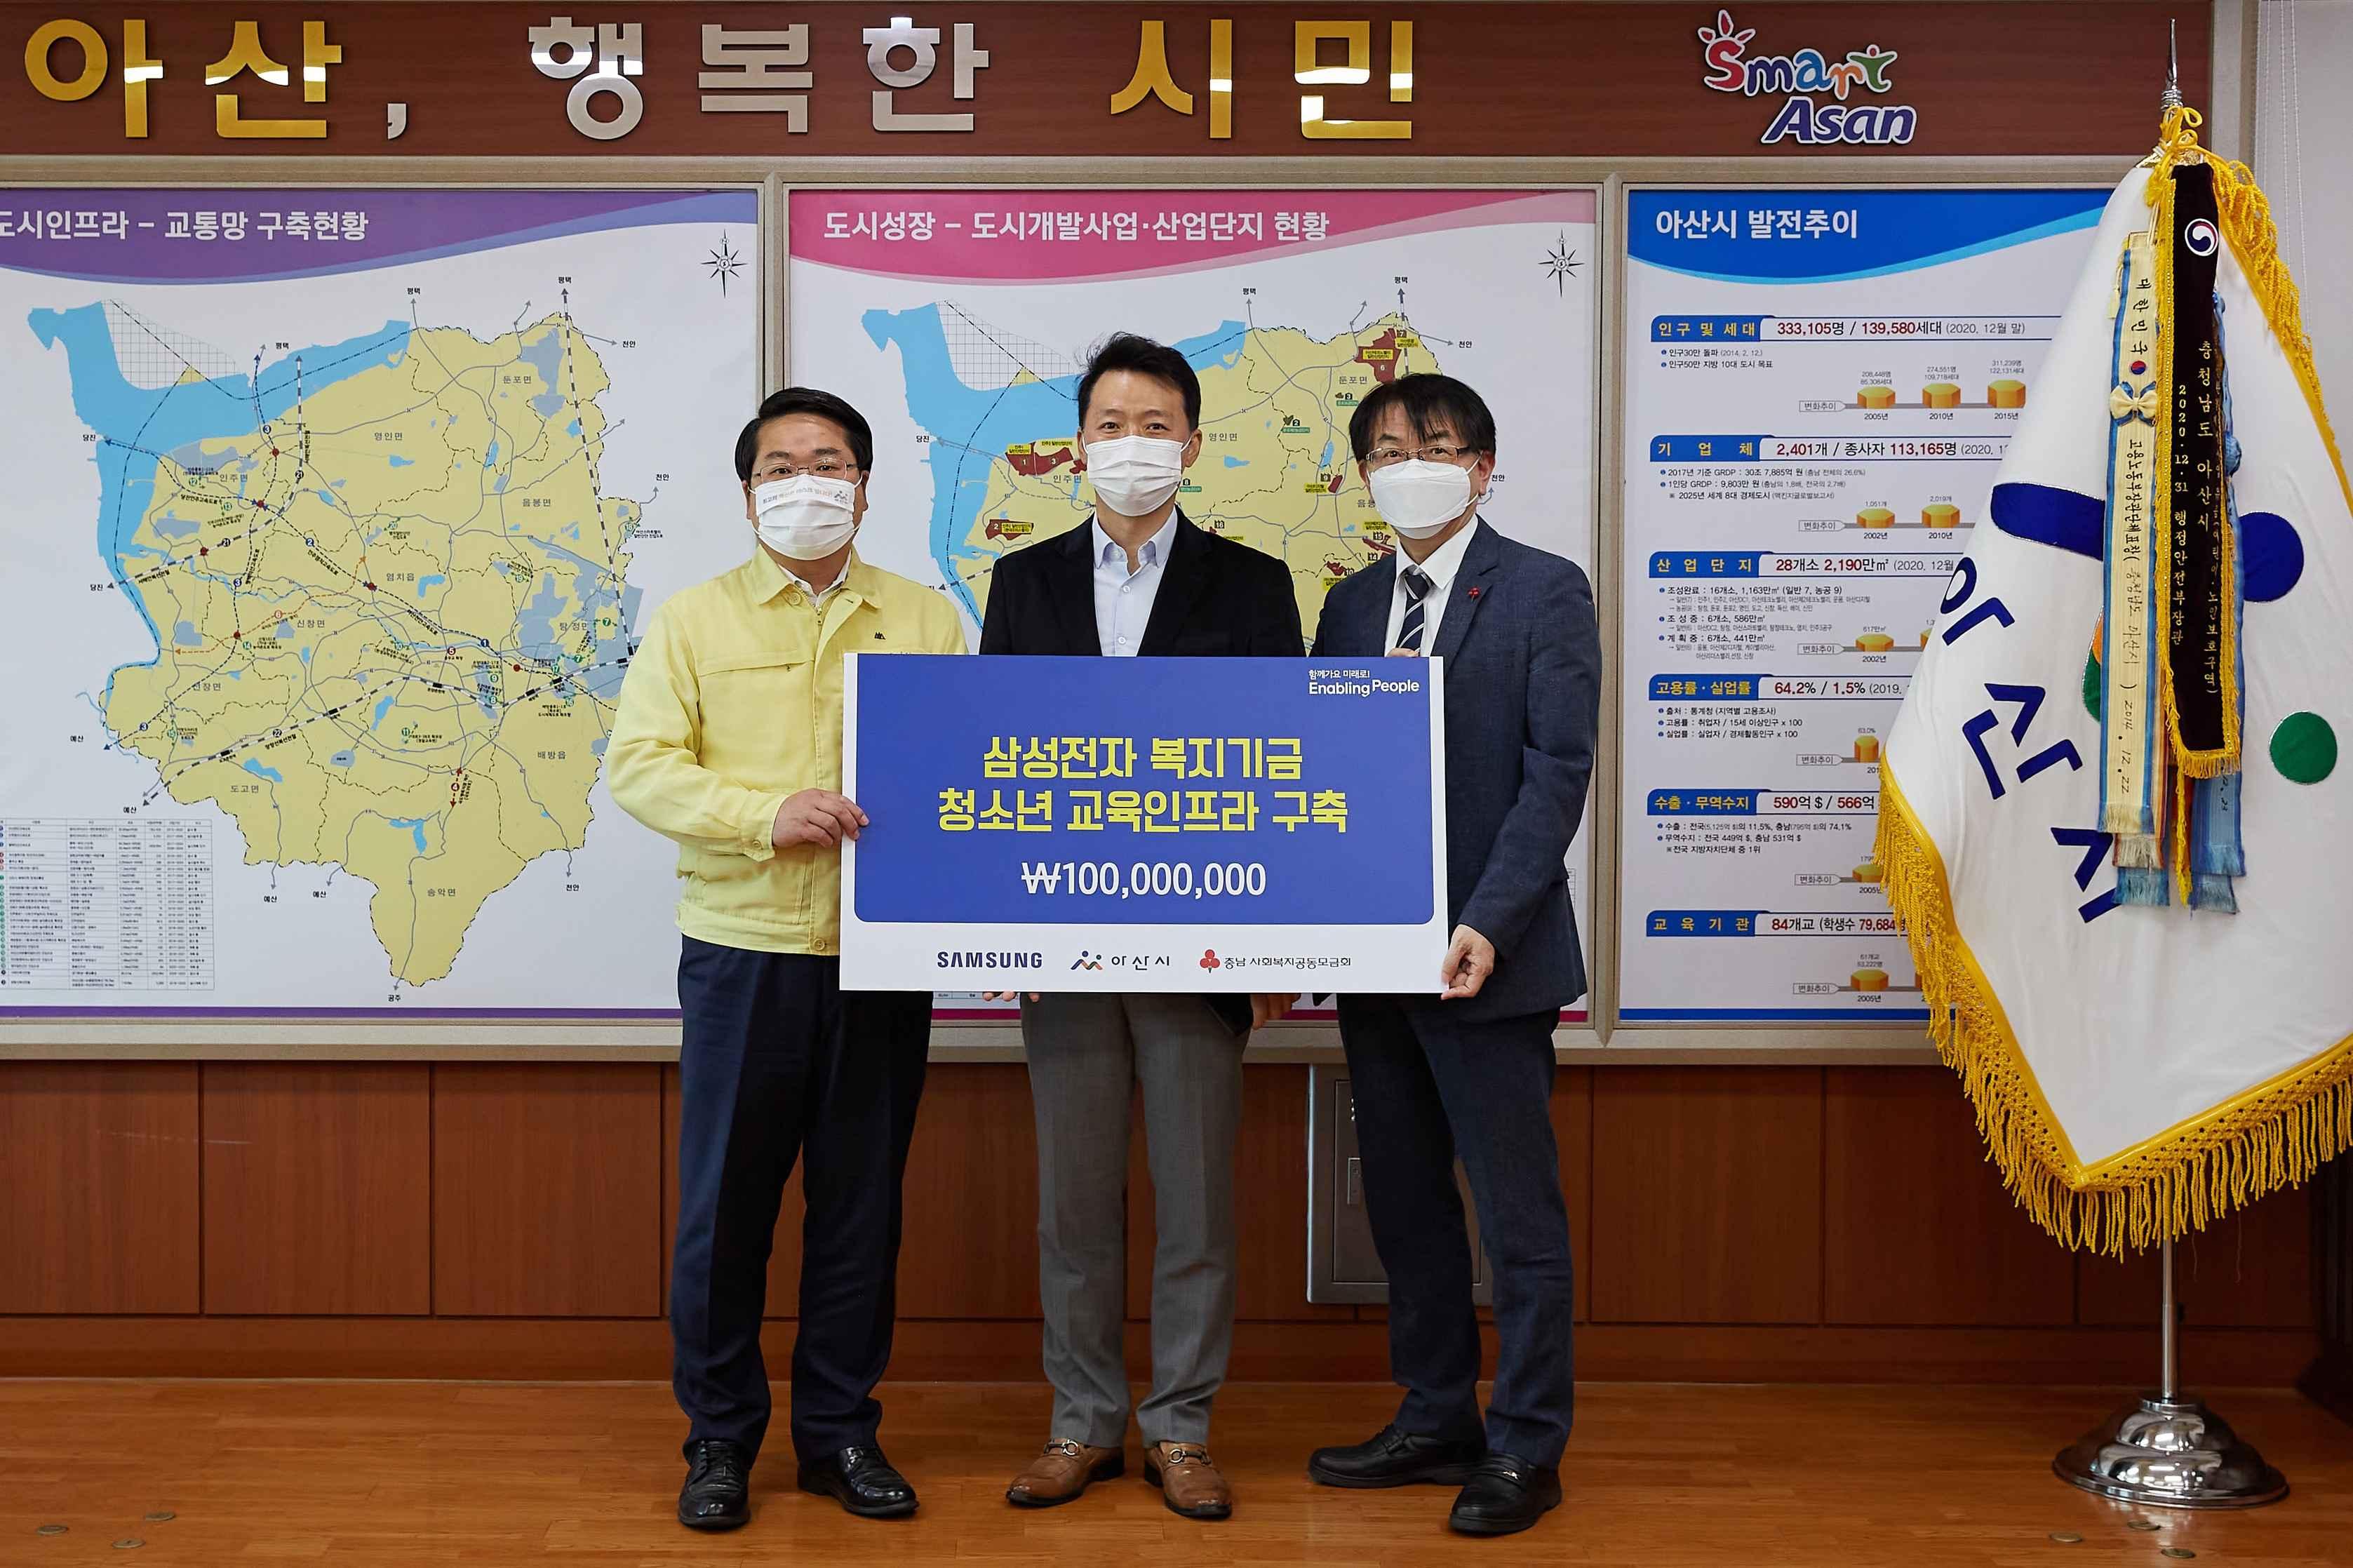 아산시-삼성전자, 청소년‧아동 지원 사업 후원 전달식 가져 관련사진